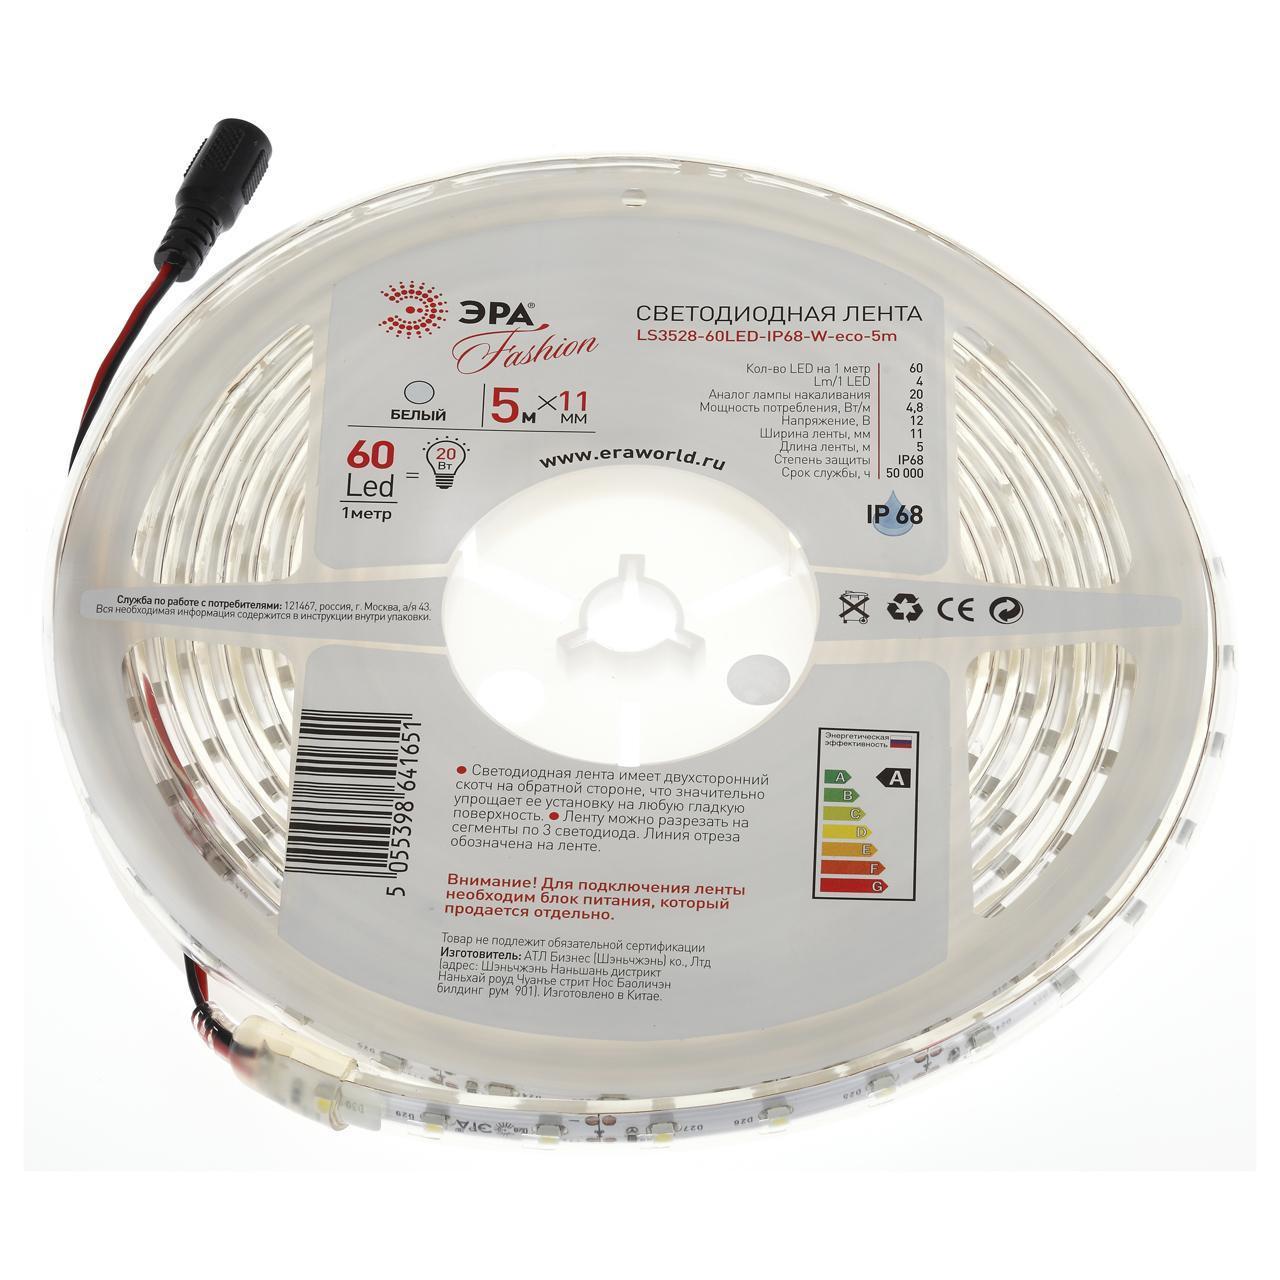 Светодиодная лента Эра LS3528-60LED-IP68-W-eco-5m цены